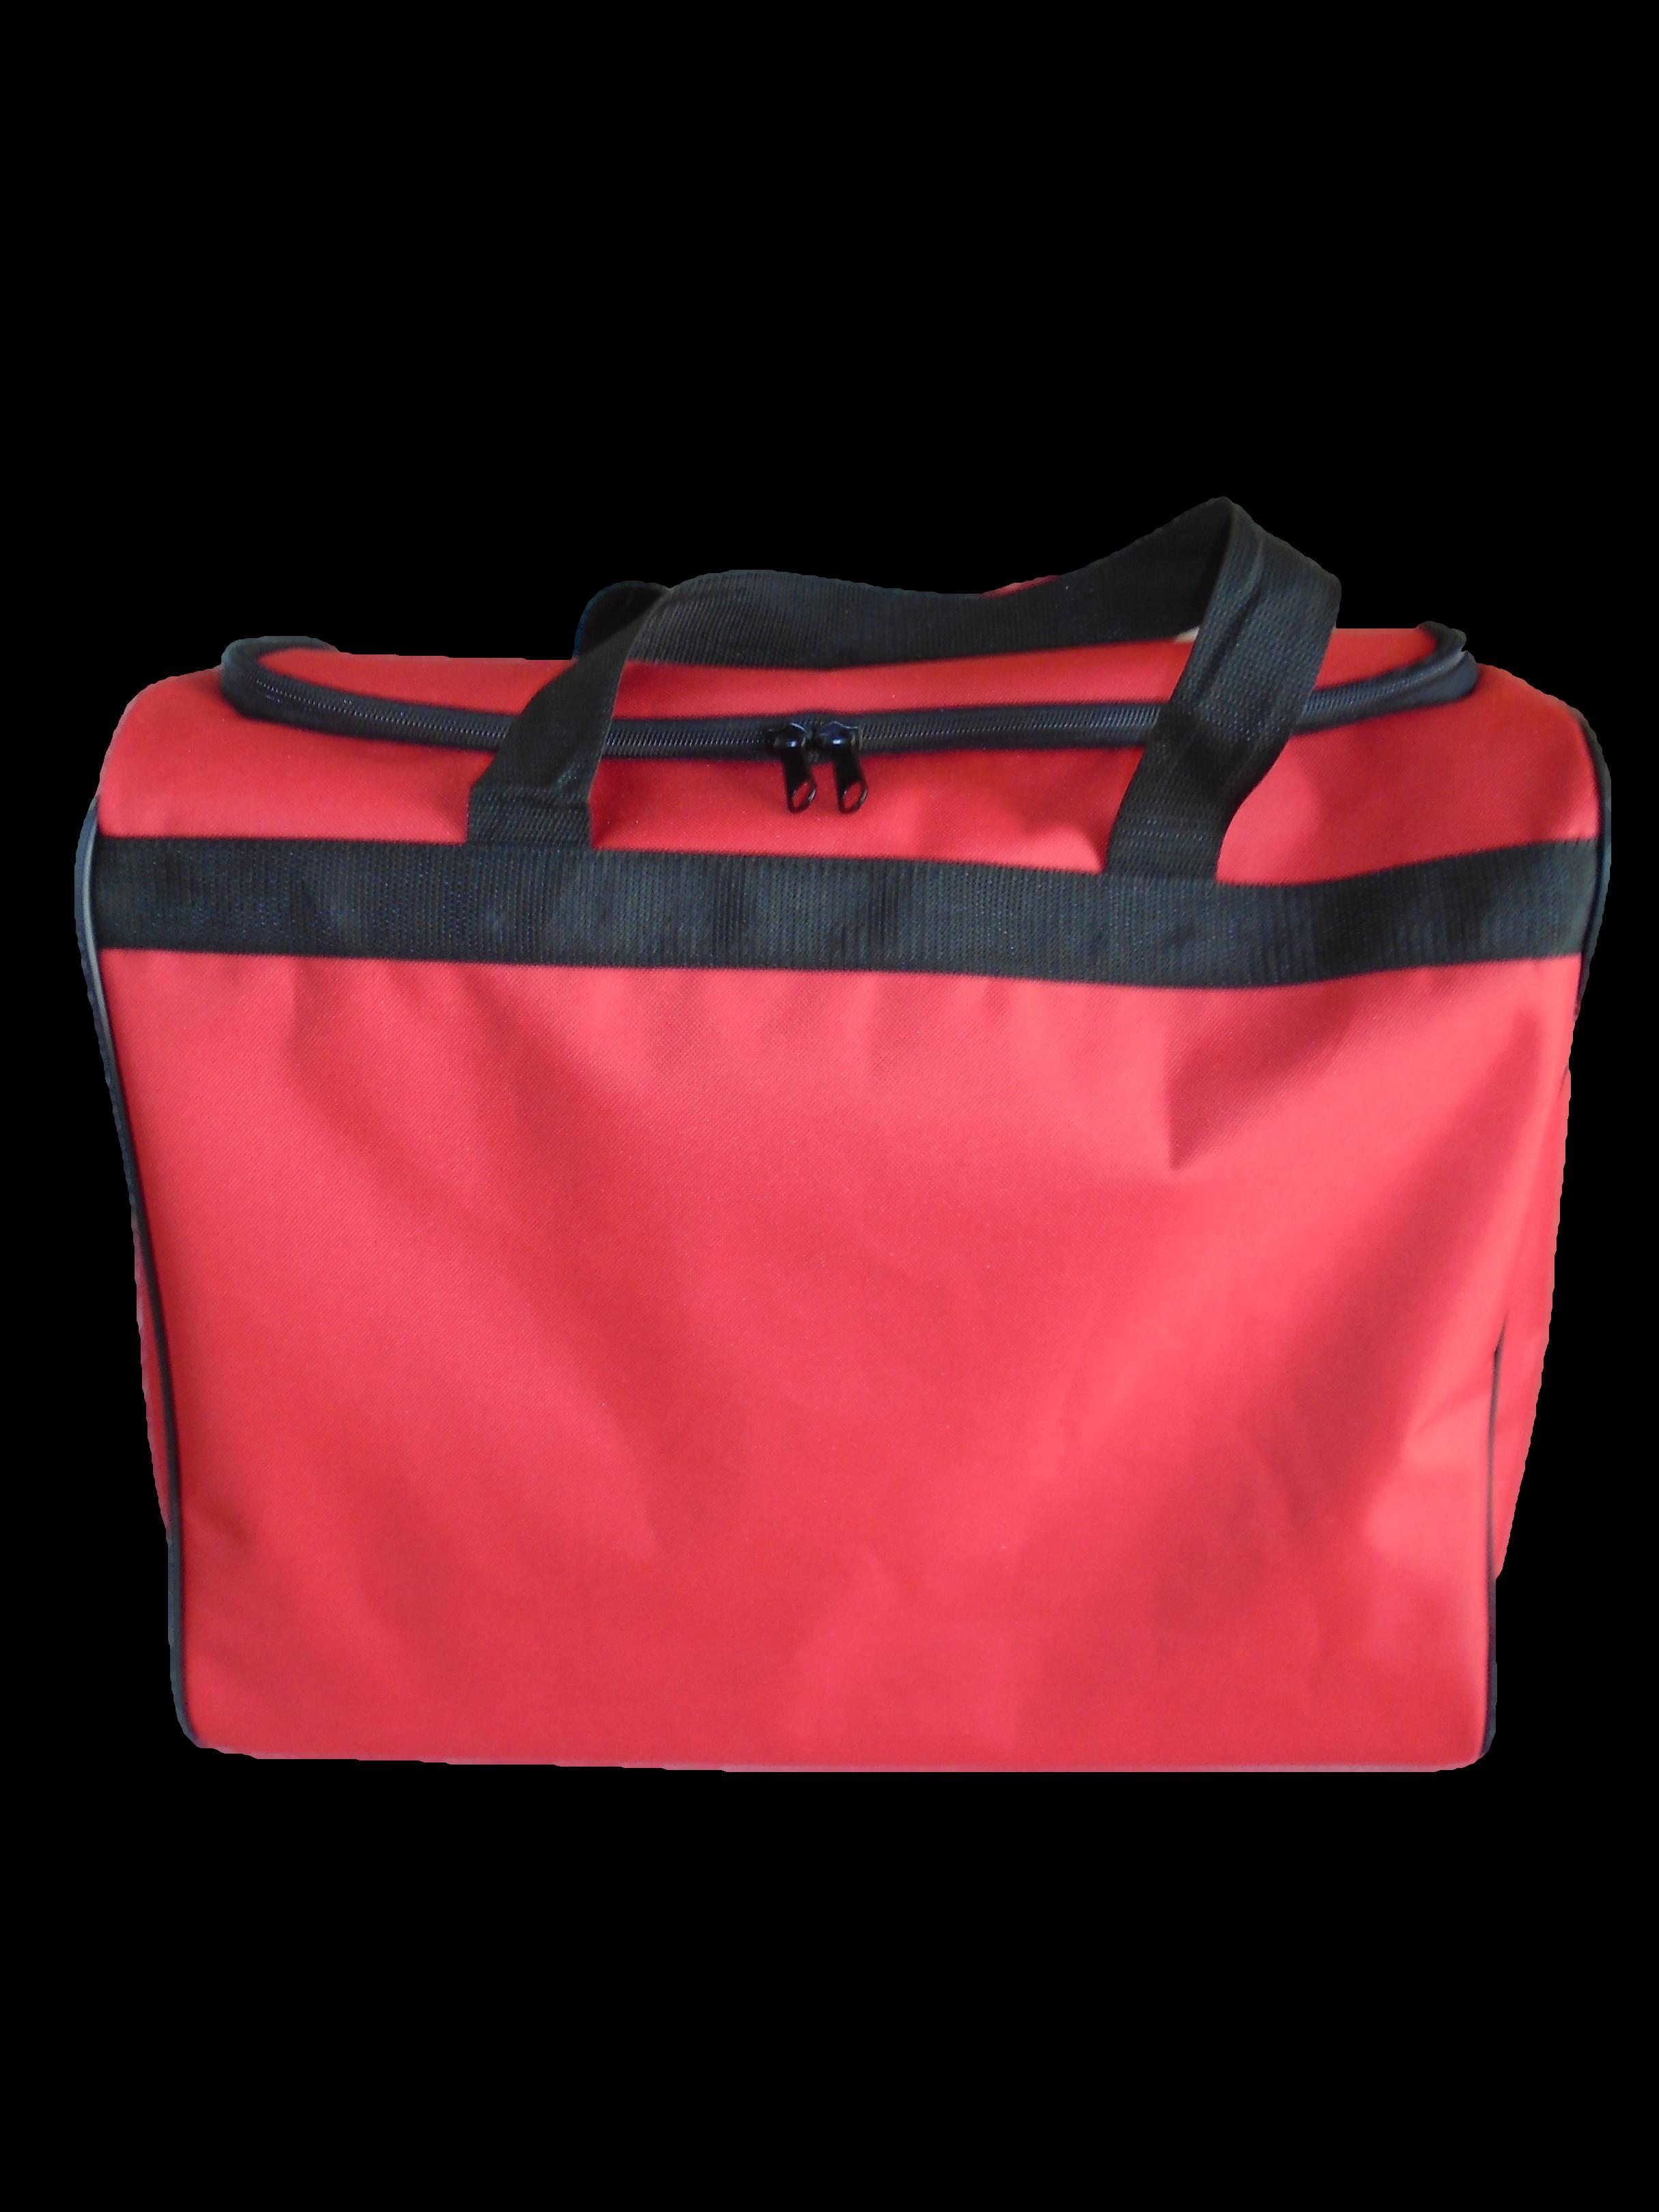 Tool Bag-(YPTB0004)